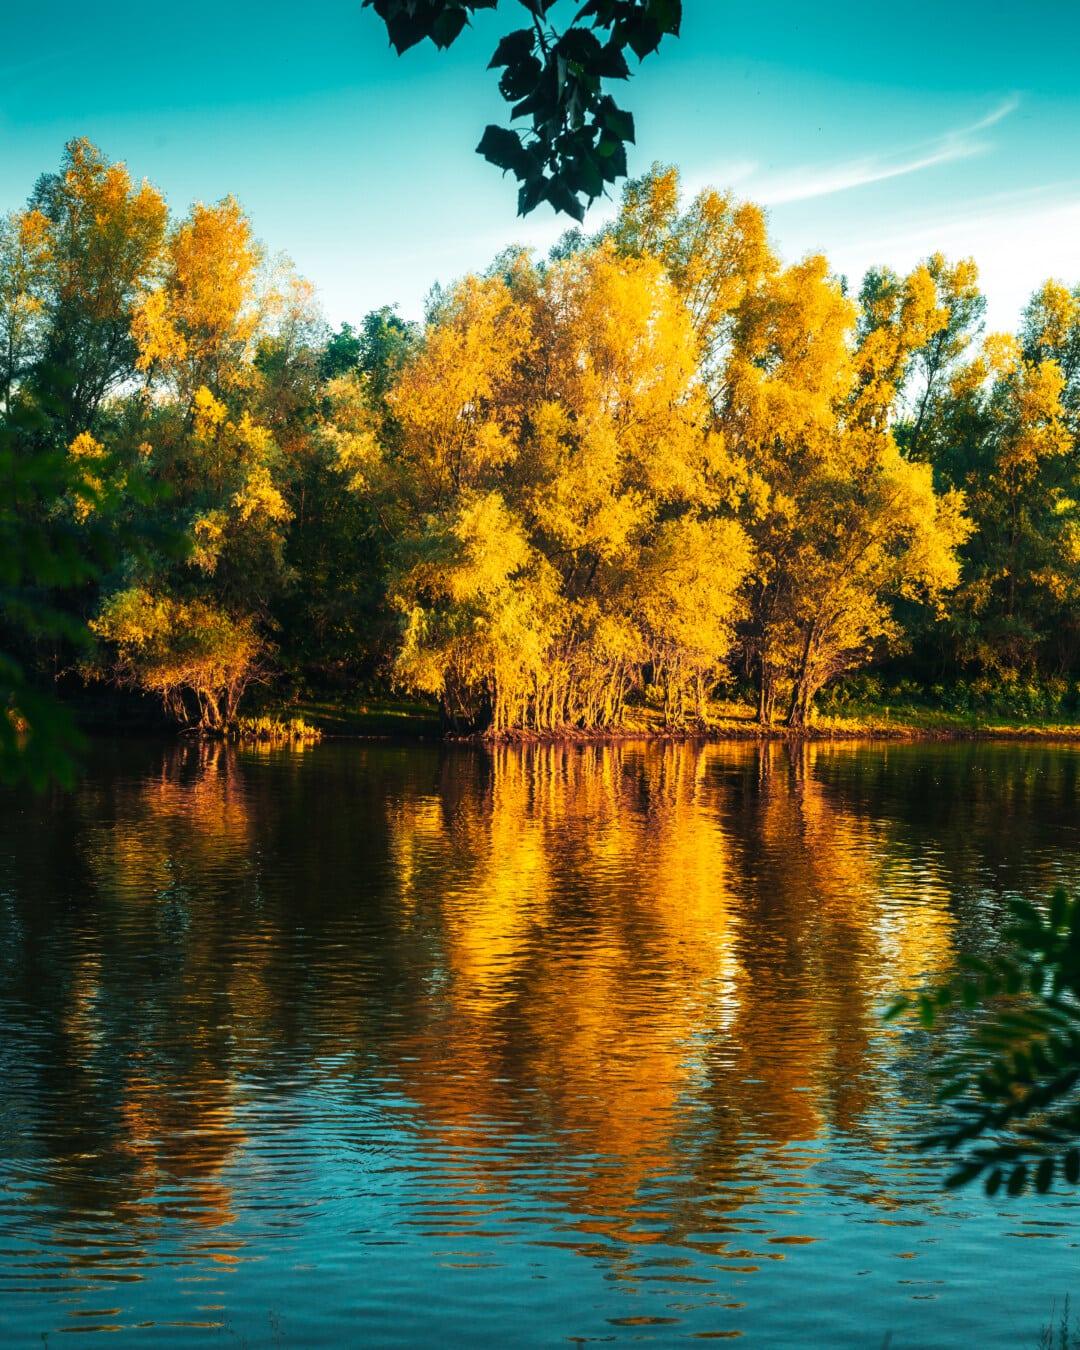 au bord du lac, saison de l'automne, octobre, réflexion, eau, lueur dorée, paysage, parc, forêt, automne